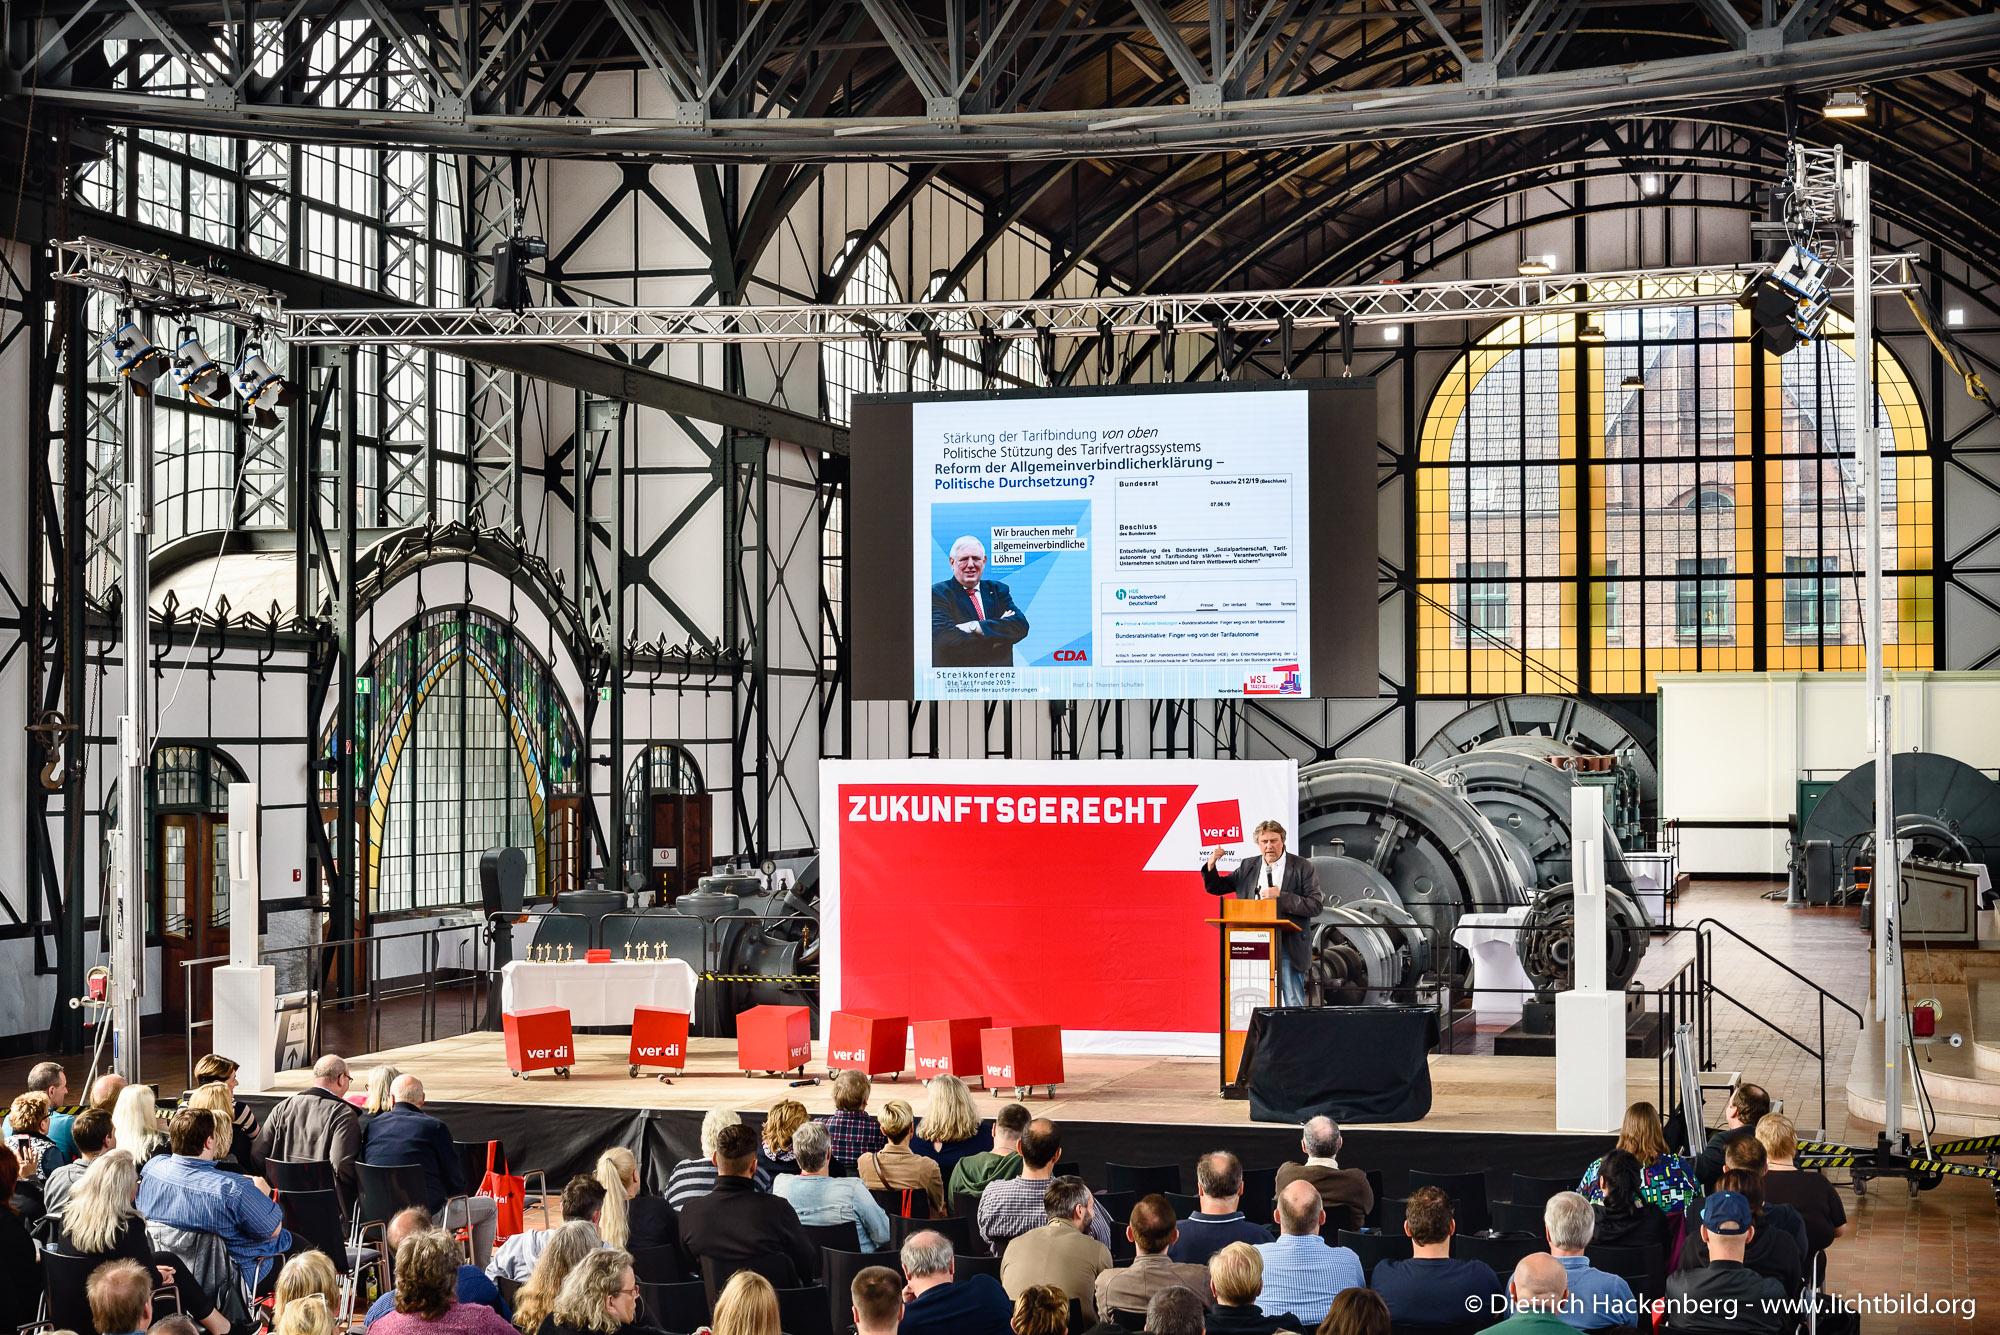 Prof. Dr. Thorsten Schulten. ver.di Handel NRW Streikkonferenz am 13.09.2019 in der Maschinenhalle der Zeche Zollern in Dortmund. Foto © Dietrich Hackenberg